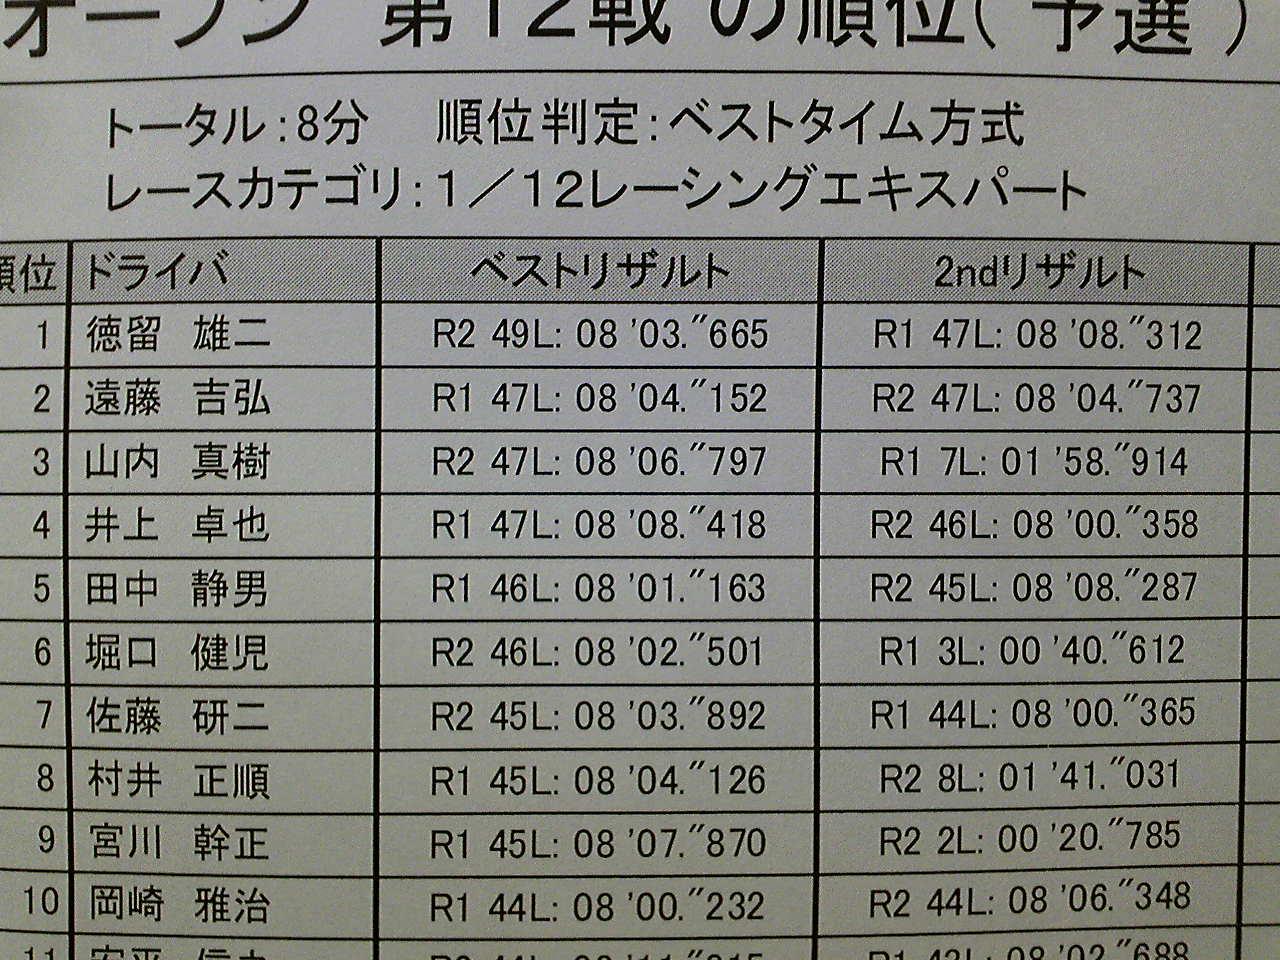 シルバーストーン・シリーズ戦 最終戦 村井正順_e0166663_9134385.jpg